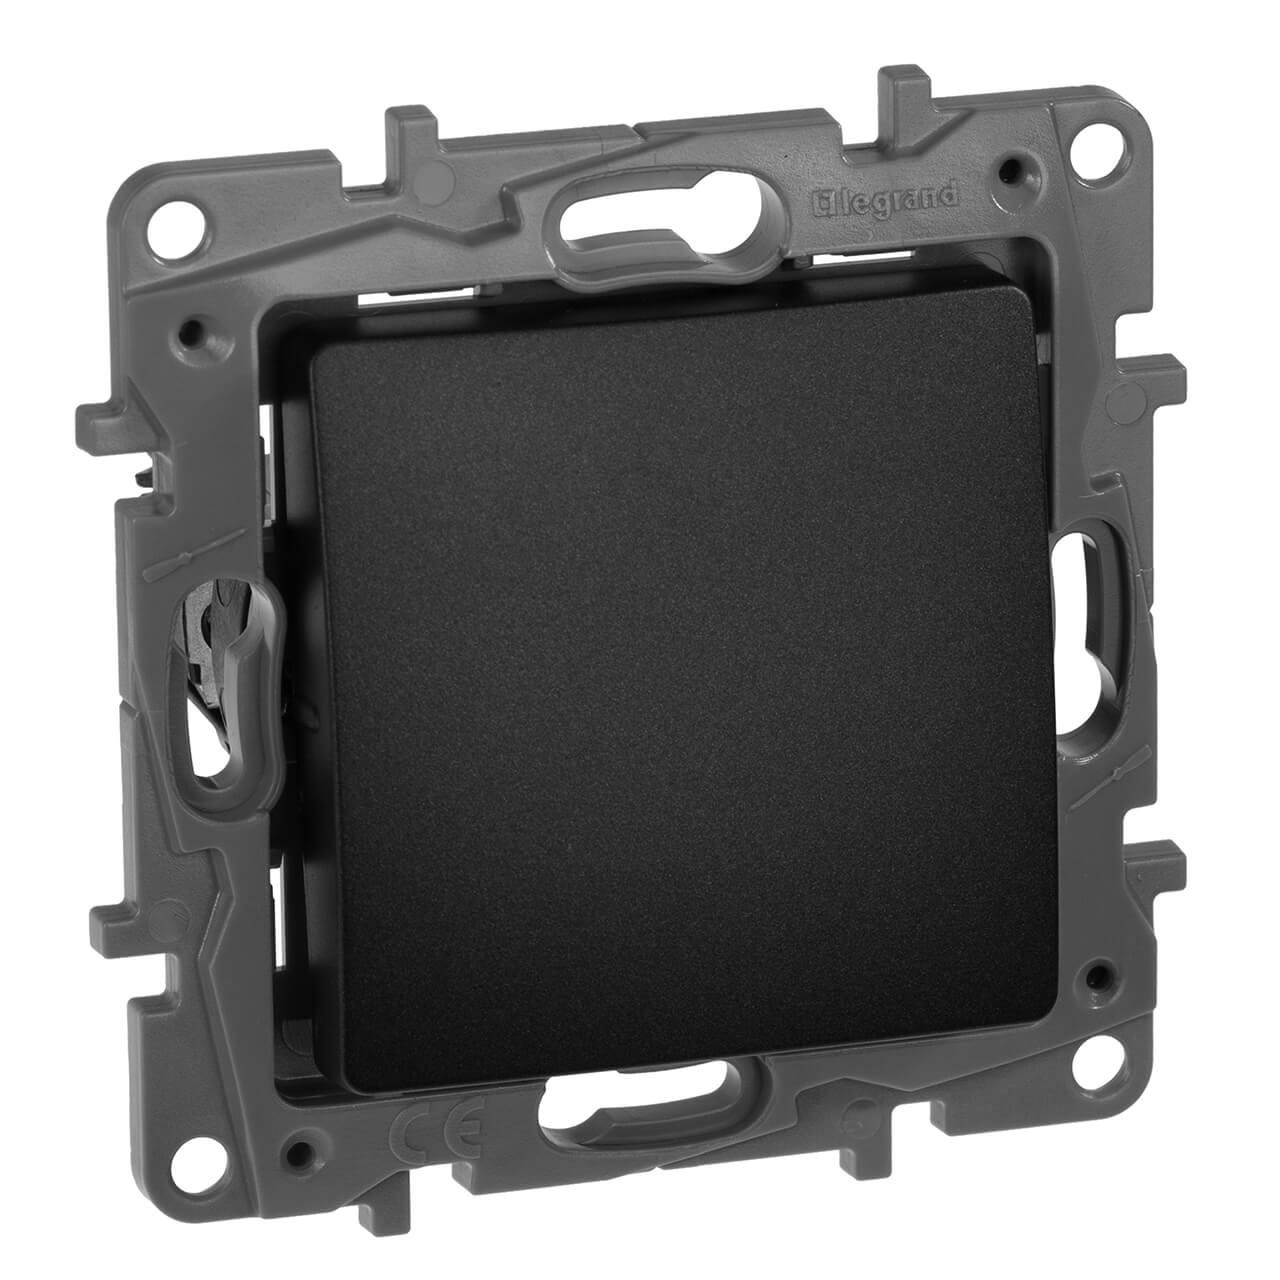 Выключатель кнопочный одноклавишный Legrand Etika 6A 250V антрацит 672614 выключатель одноклавишный кнопочный legrand quteo 6a 250v белый 782205